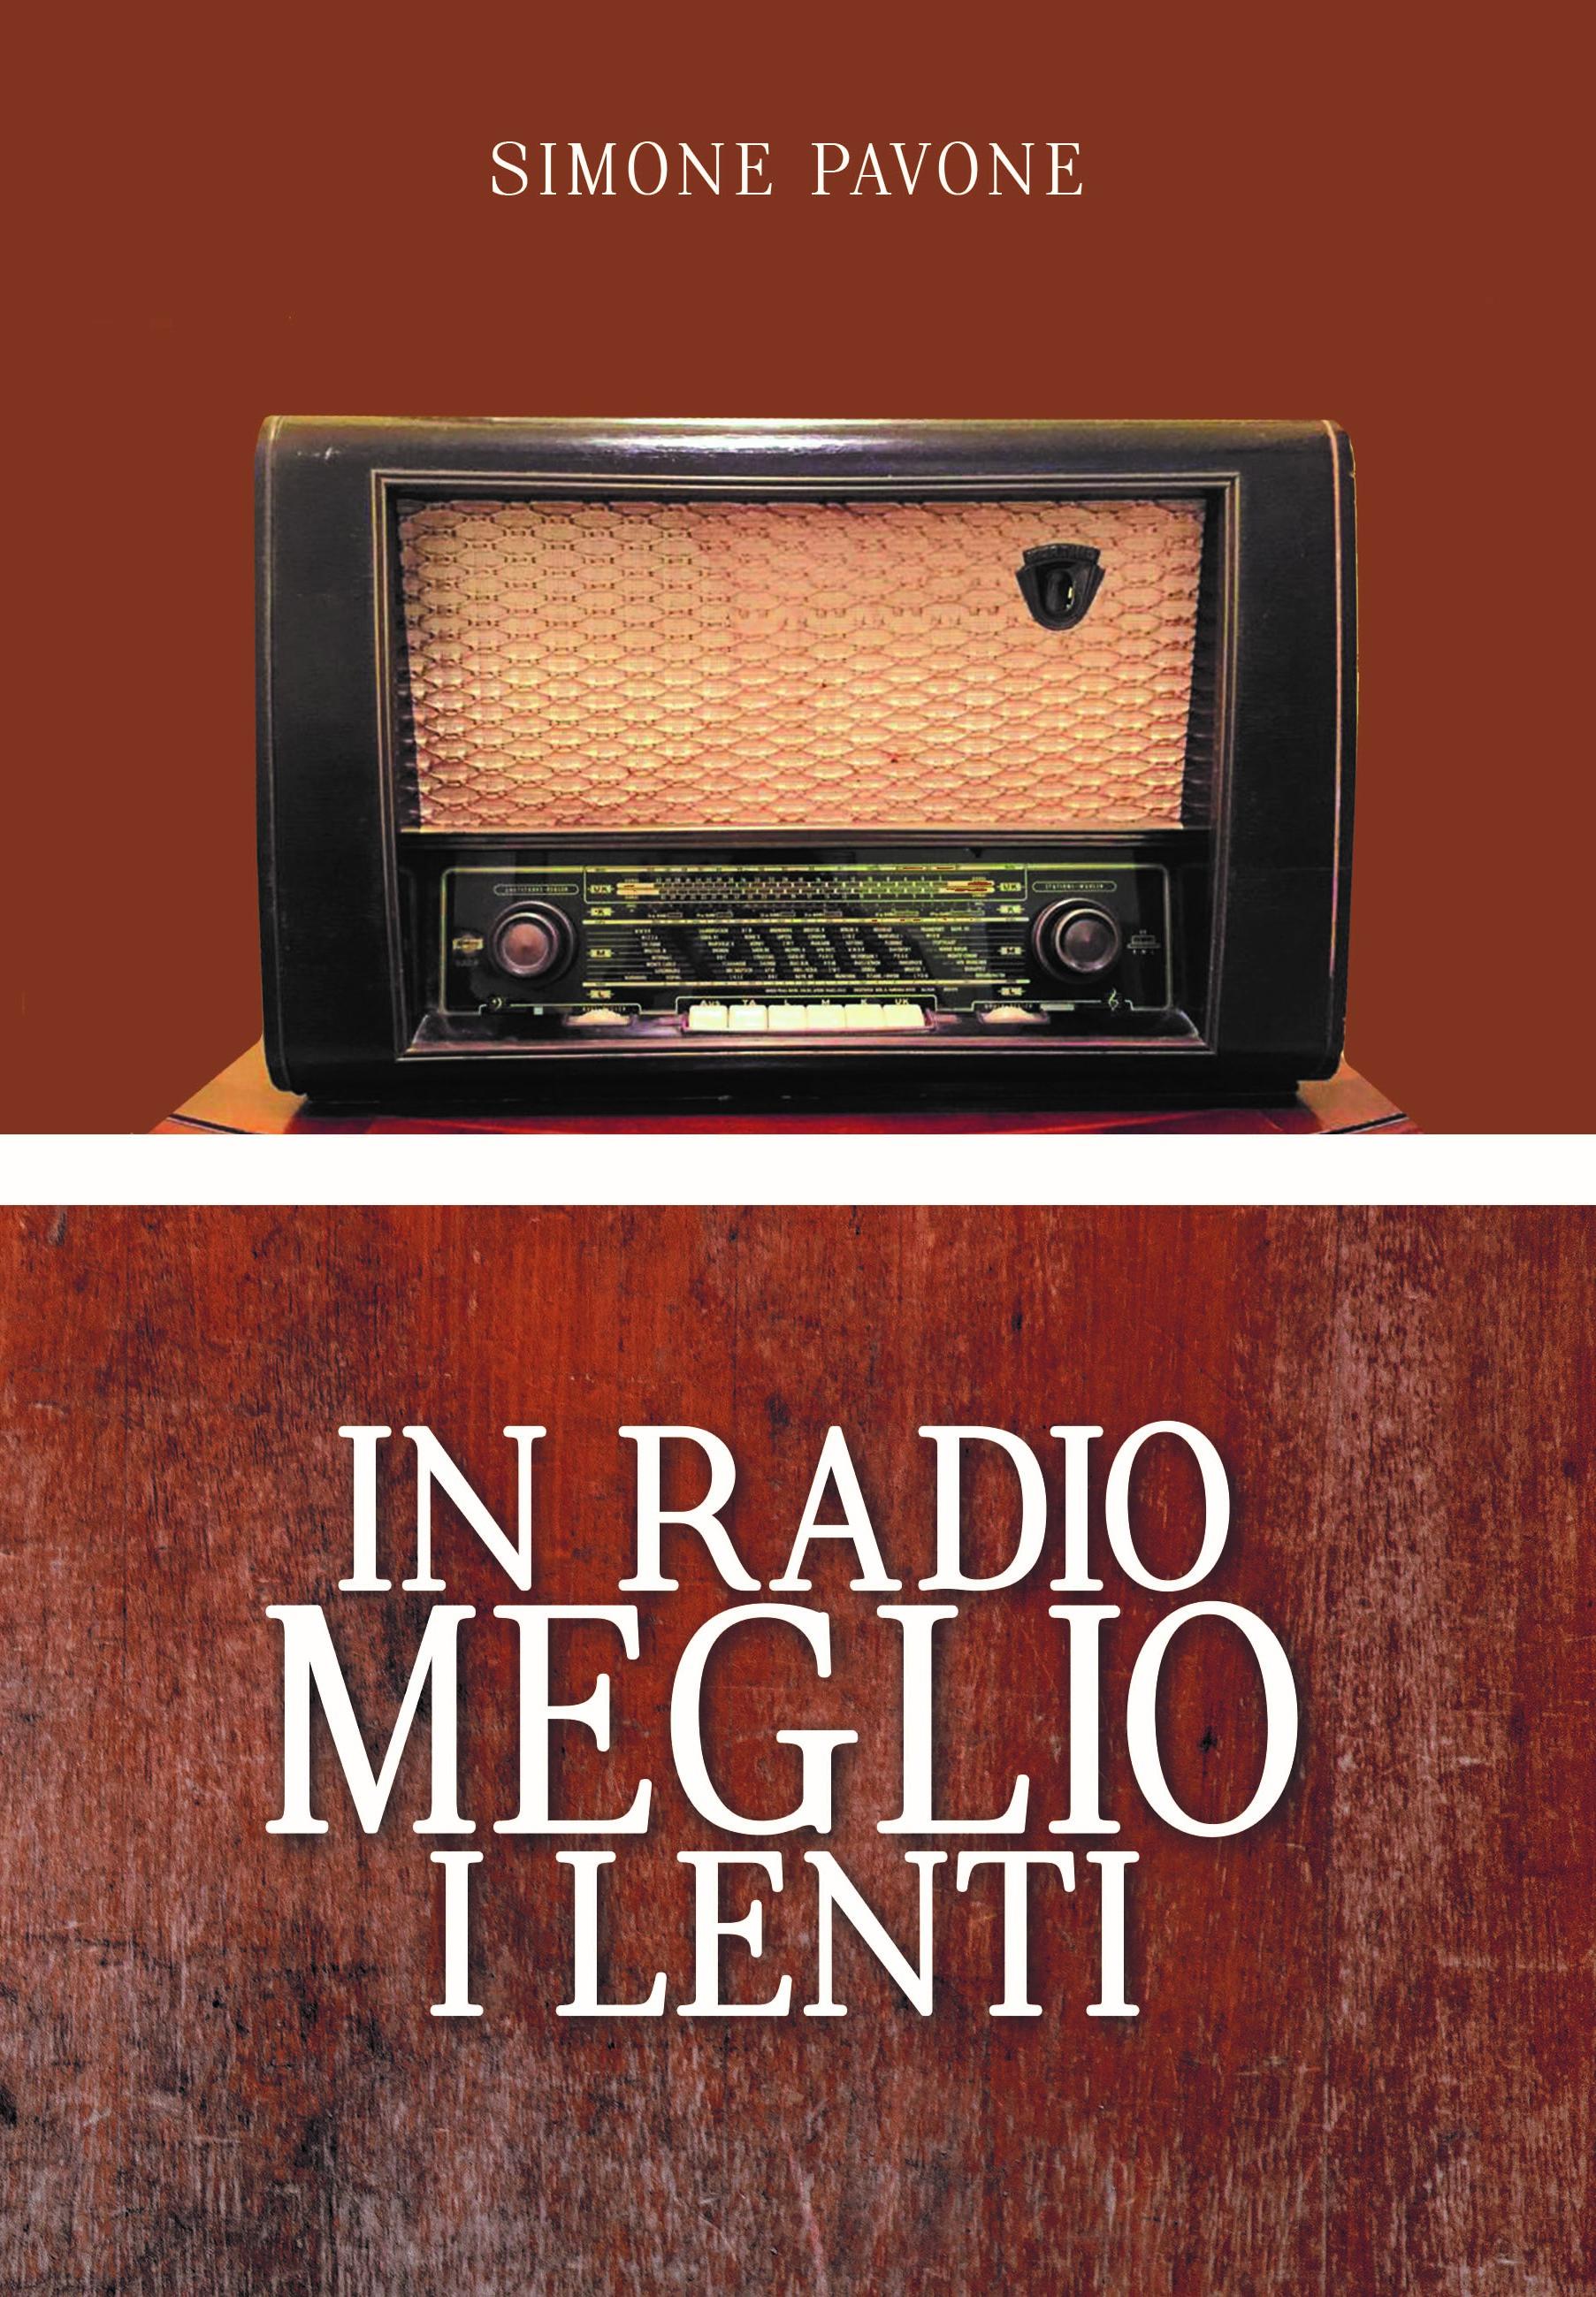 Simone Pavone in radio meglio i lenti